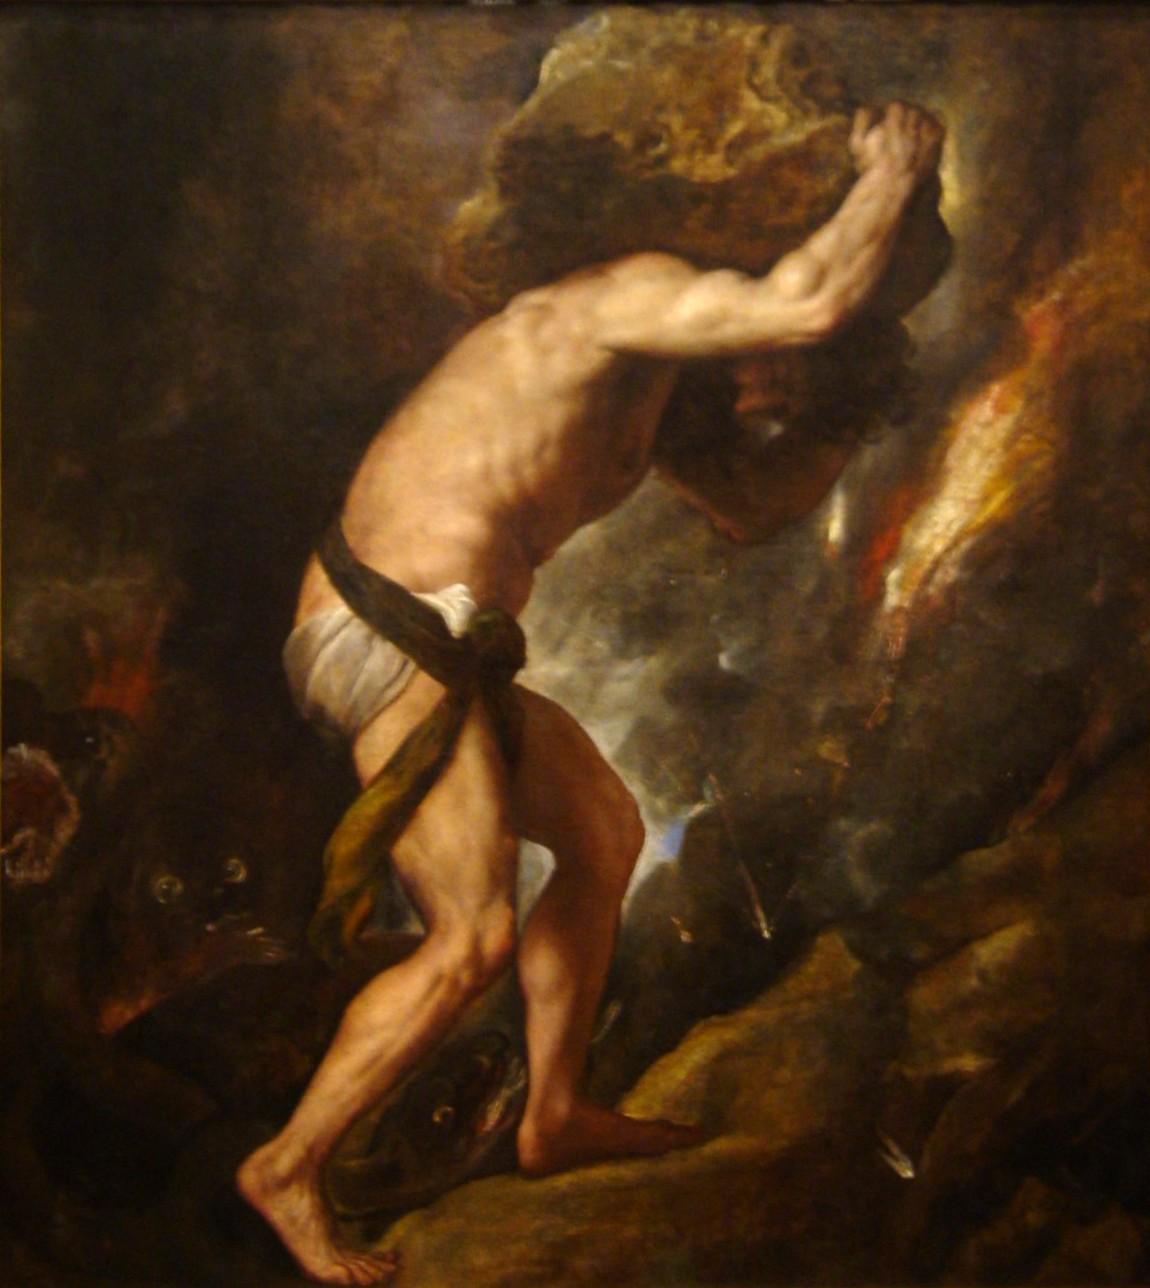 Sisyphus by Titian, 1549